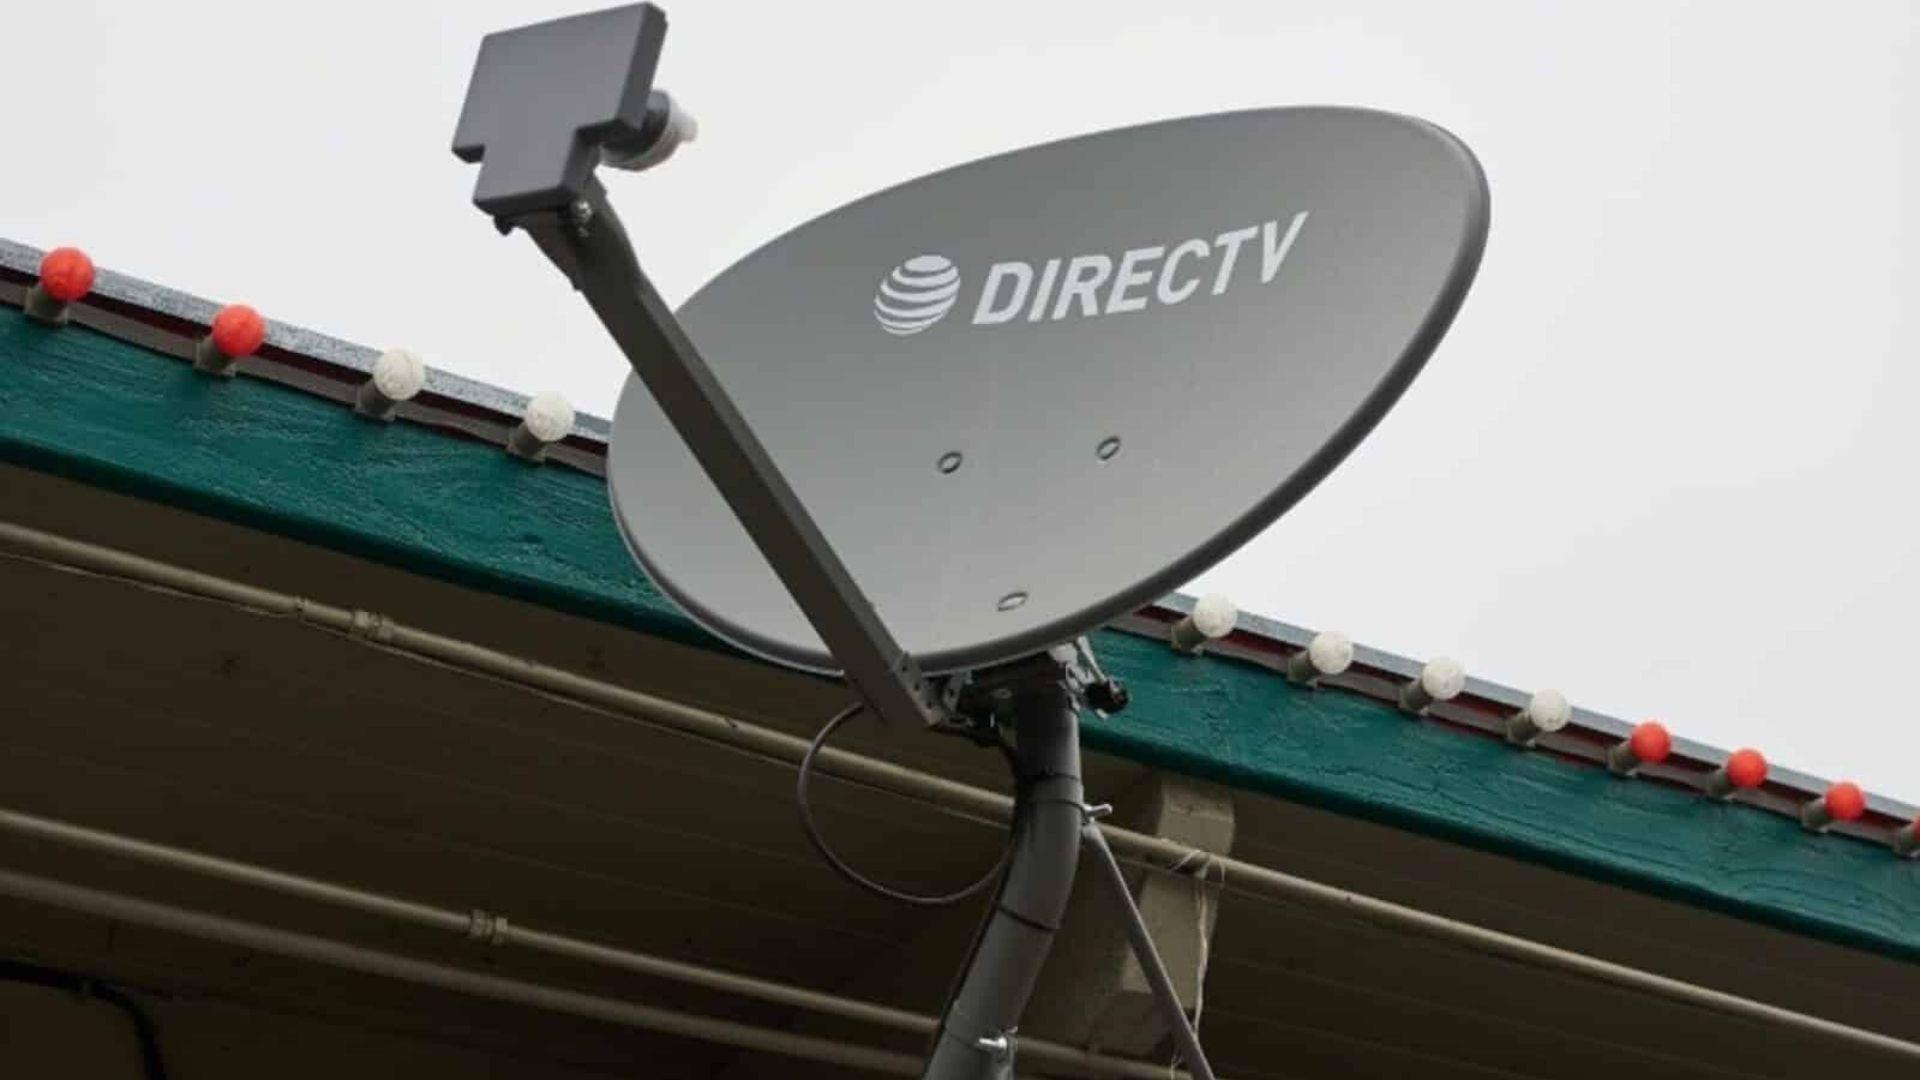 Señal de Directv - Señal de Directv